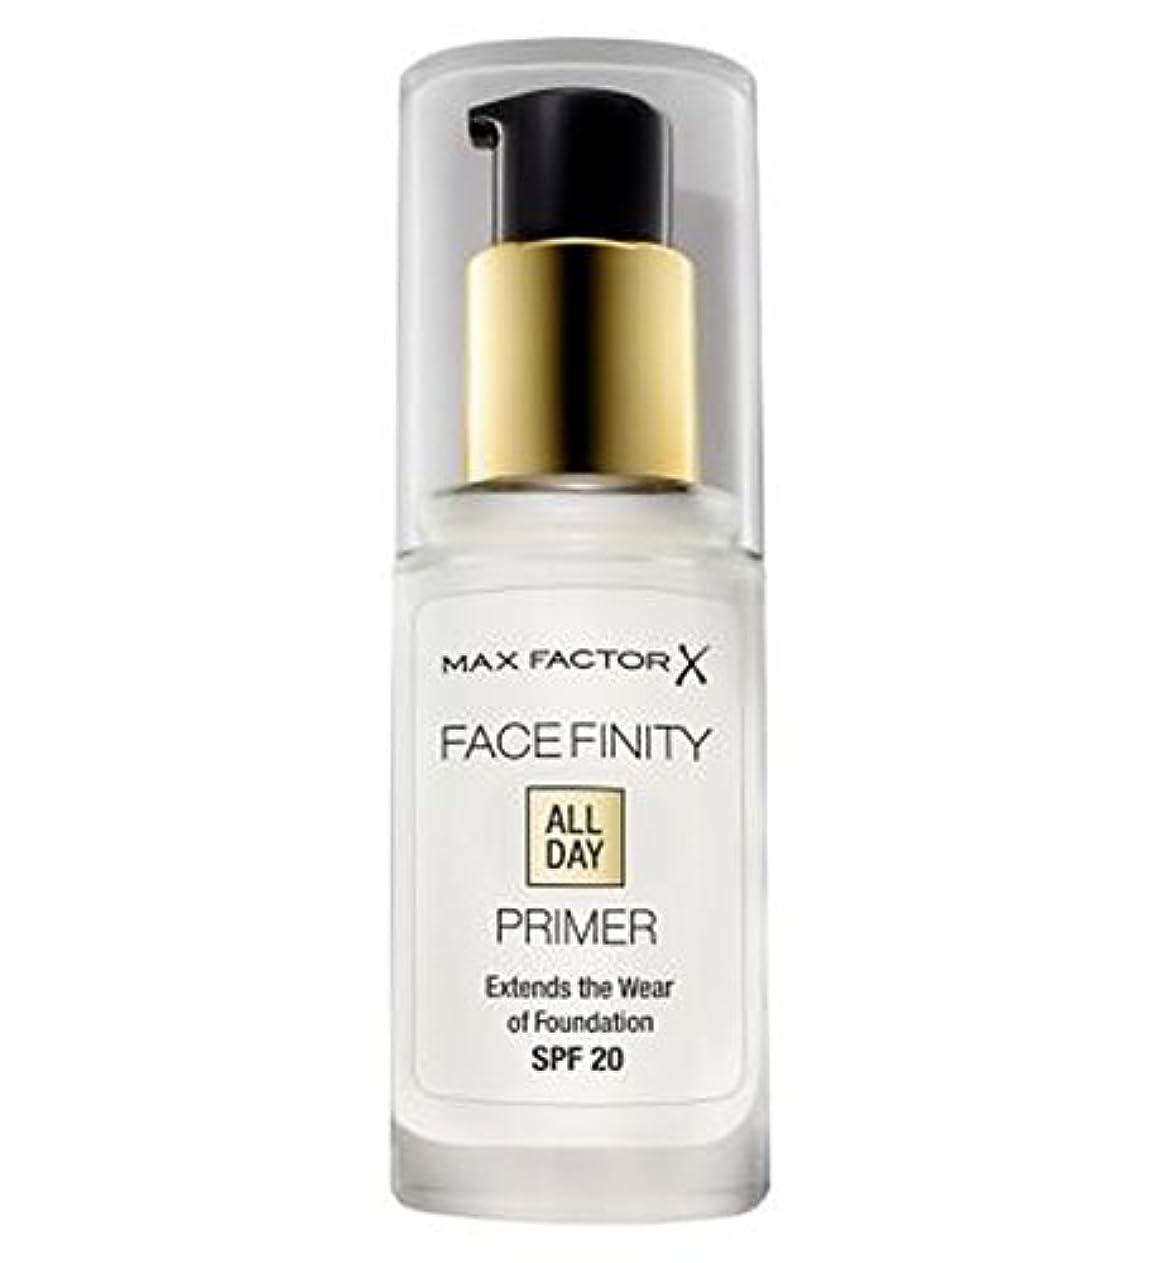 音楽家干渉するぼろMax Factor Facefinity All Day Primer - マックスファクターのFacefinity終日プライマー (Max Factor) [並行輸入品]